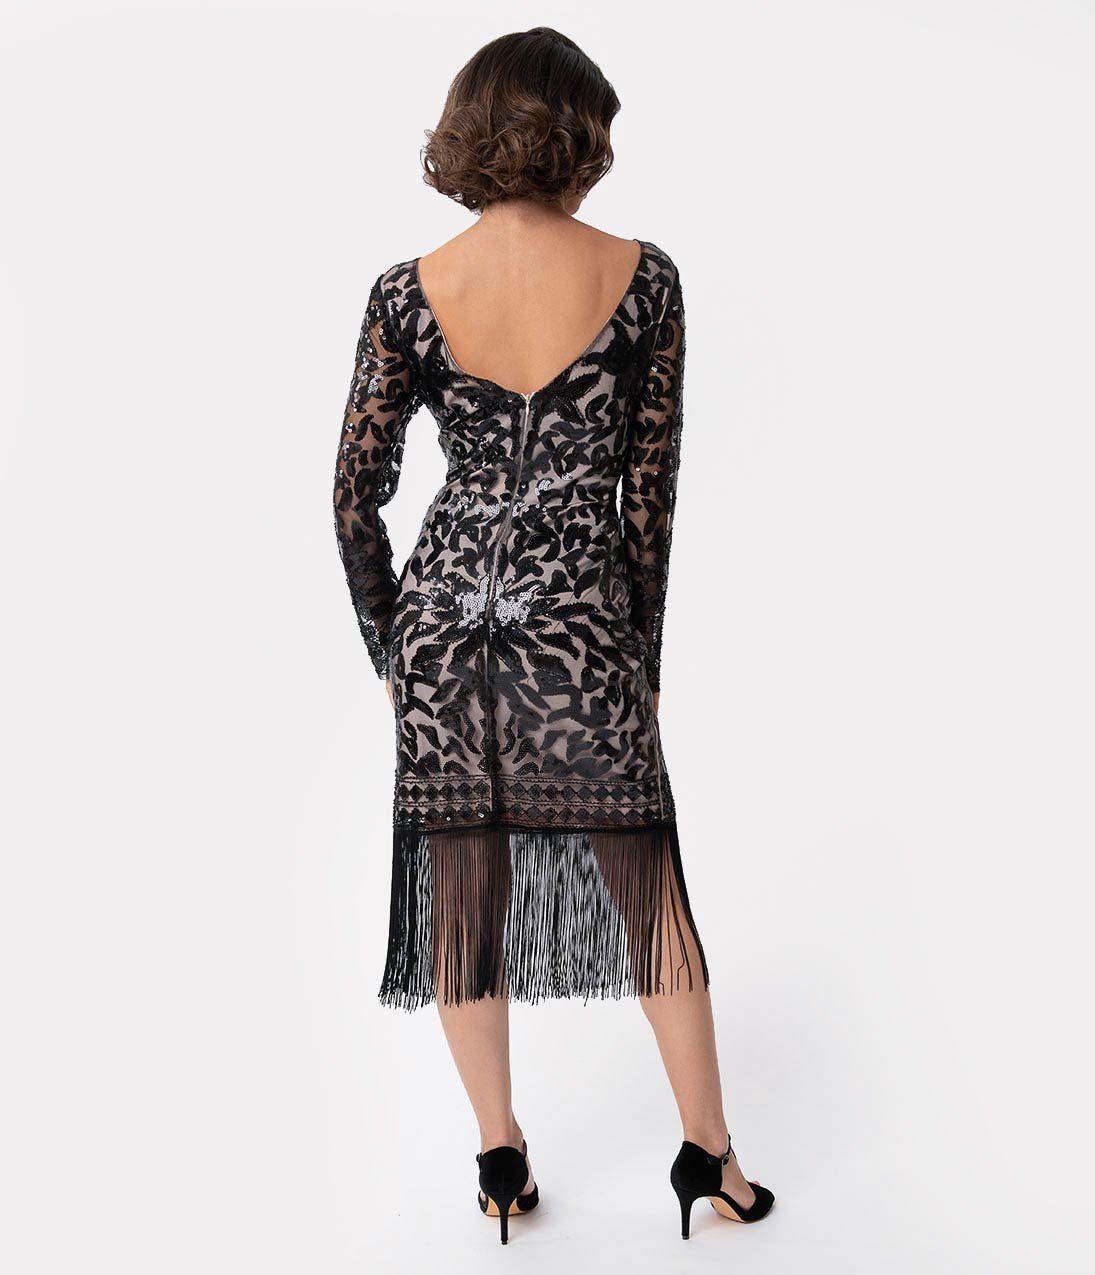 Unique Vintage 1920s Beige Black Sequin Long Sleeve Zulma Cocktail Dress Dresses Unique Dresses Flapper Inspired Dress [ 1275 x 1095 Pixel ]